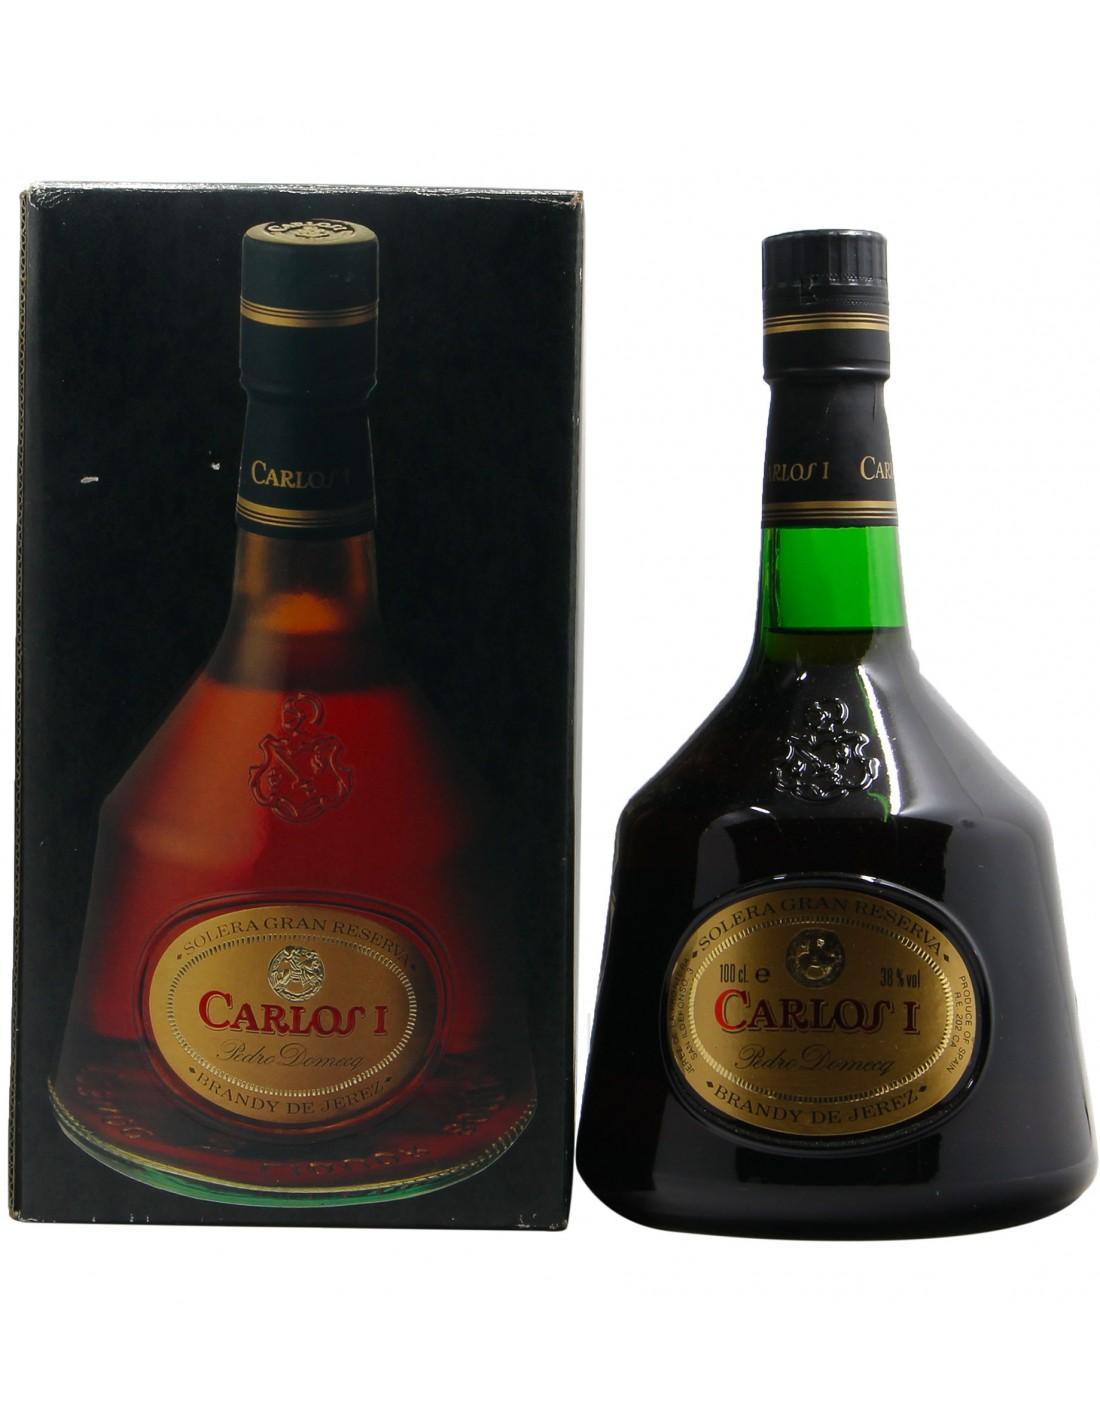 BRANDY DE JEREZ CARLOS I SOLERA GRAN RESERVA 1L NV PEDRO DOMECQ Grandi Bottiglie